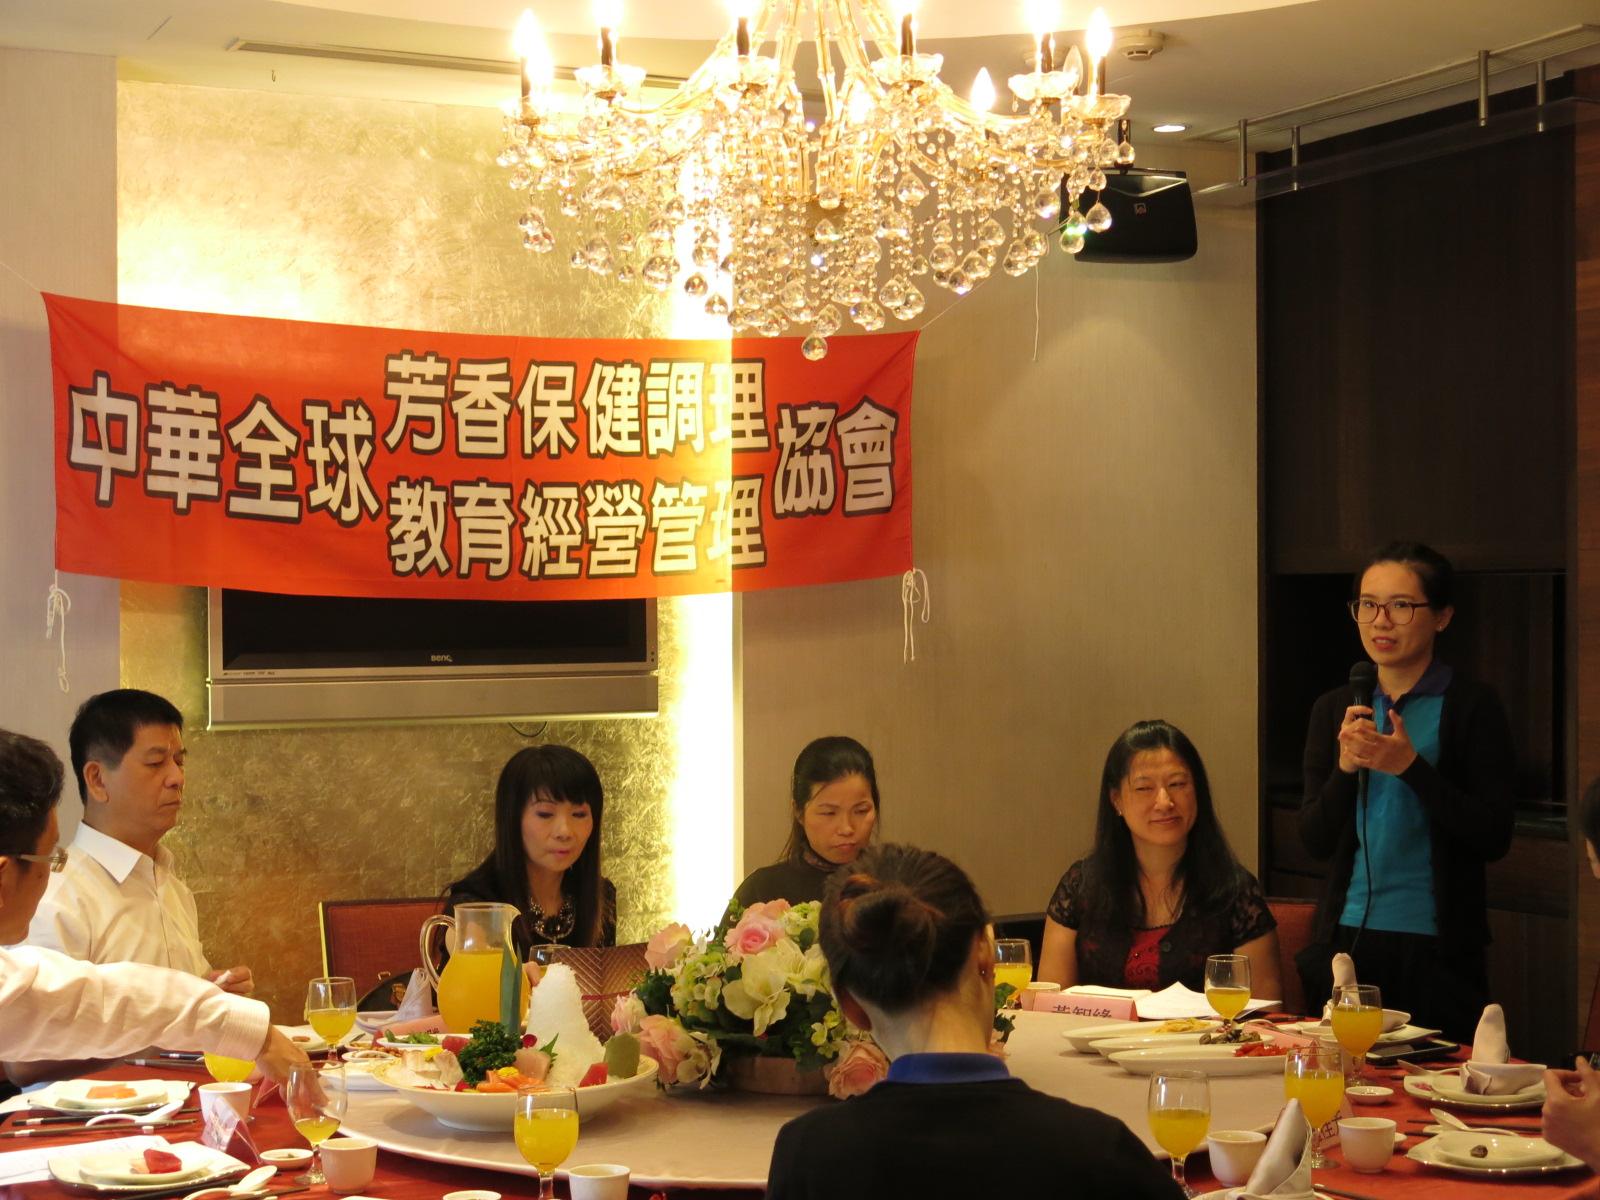 中華全球芳香保健調理教育經營管理協會 第一屆 第四次 理監事會議 - 高雄按摩,高雄按摩推薦,芳療